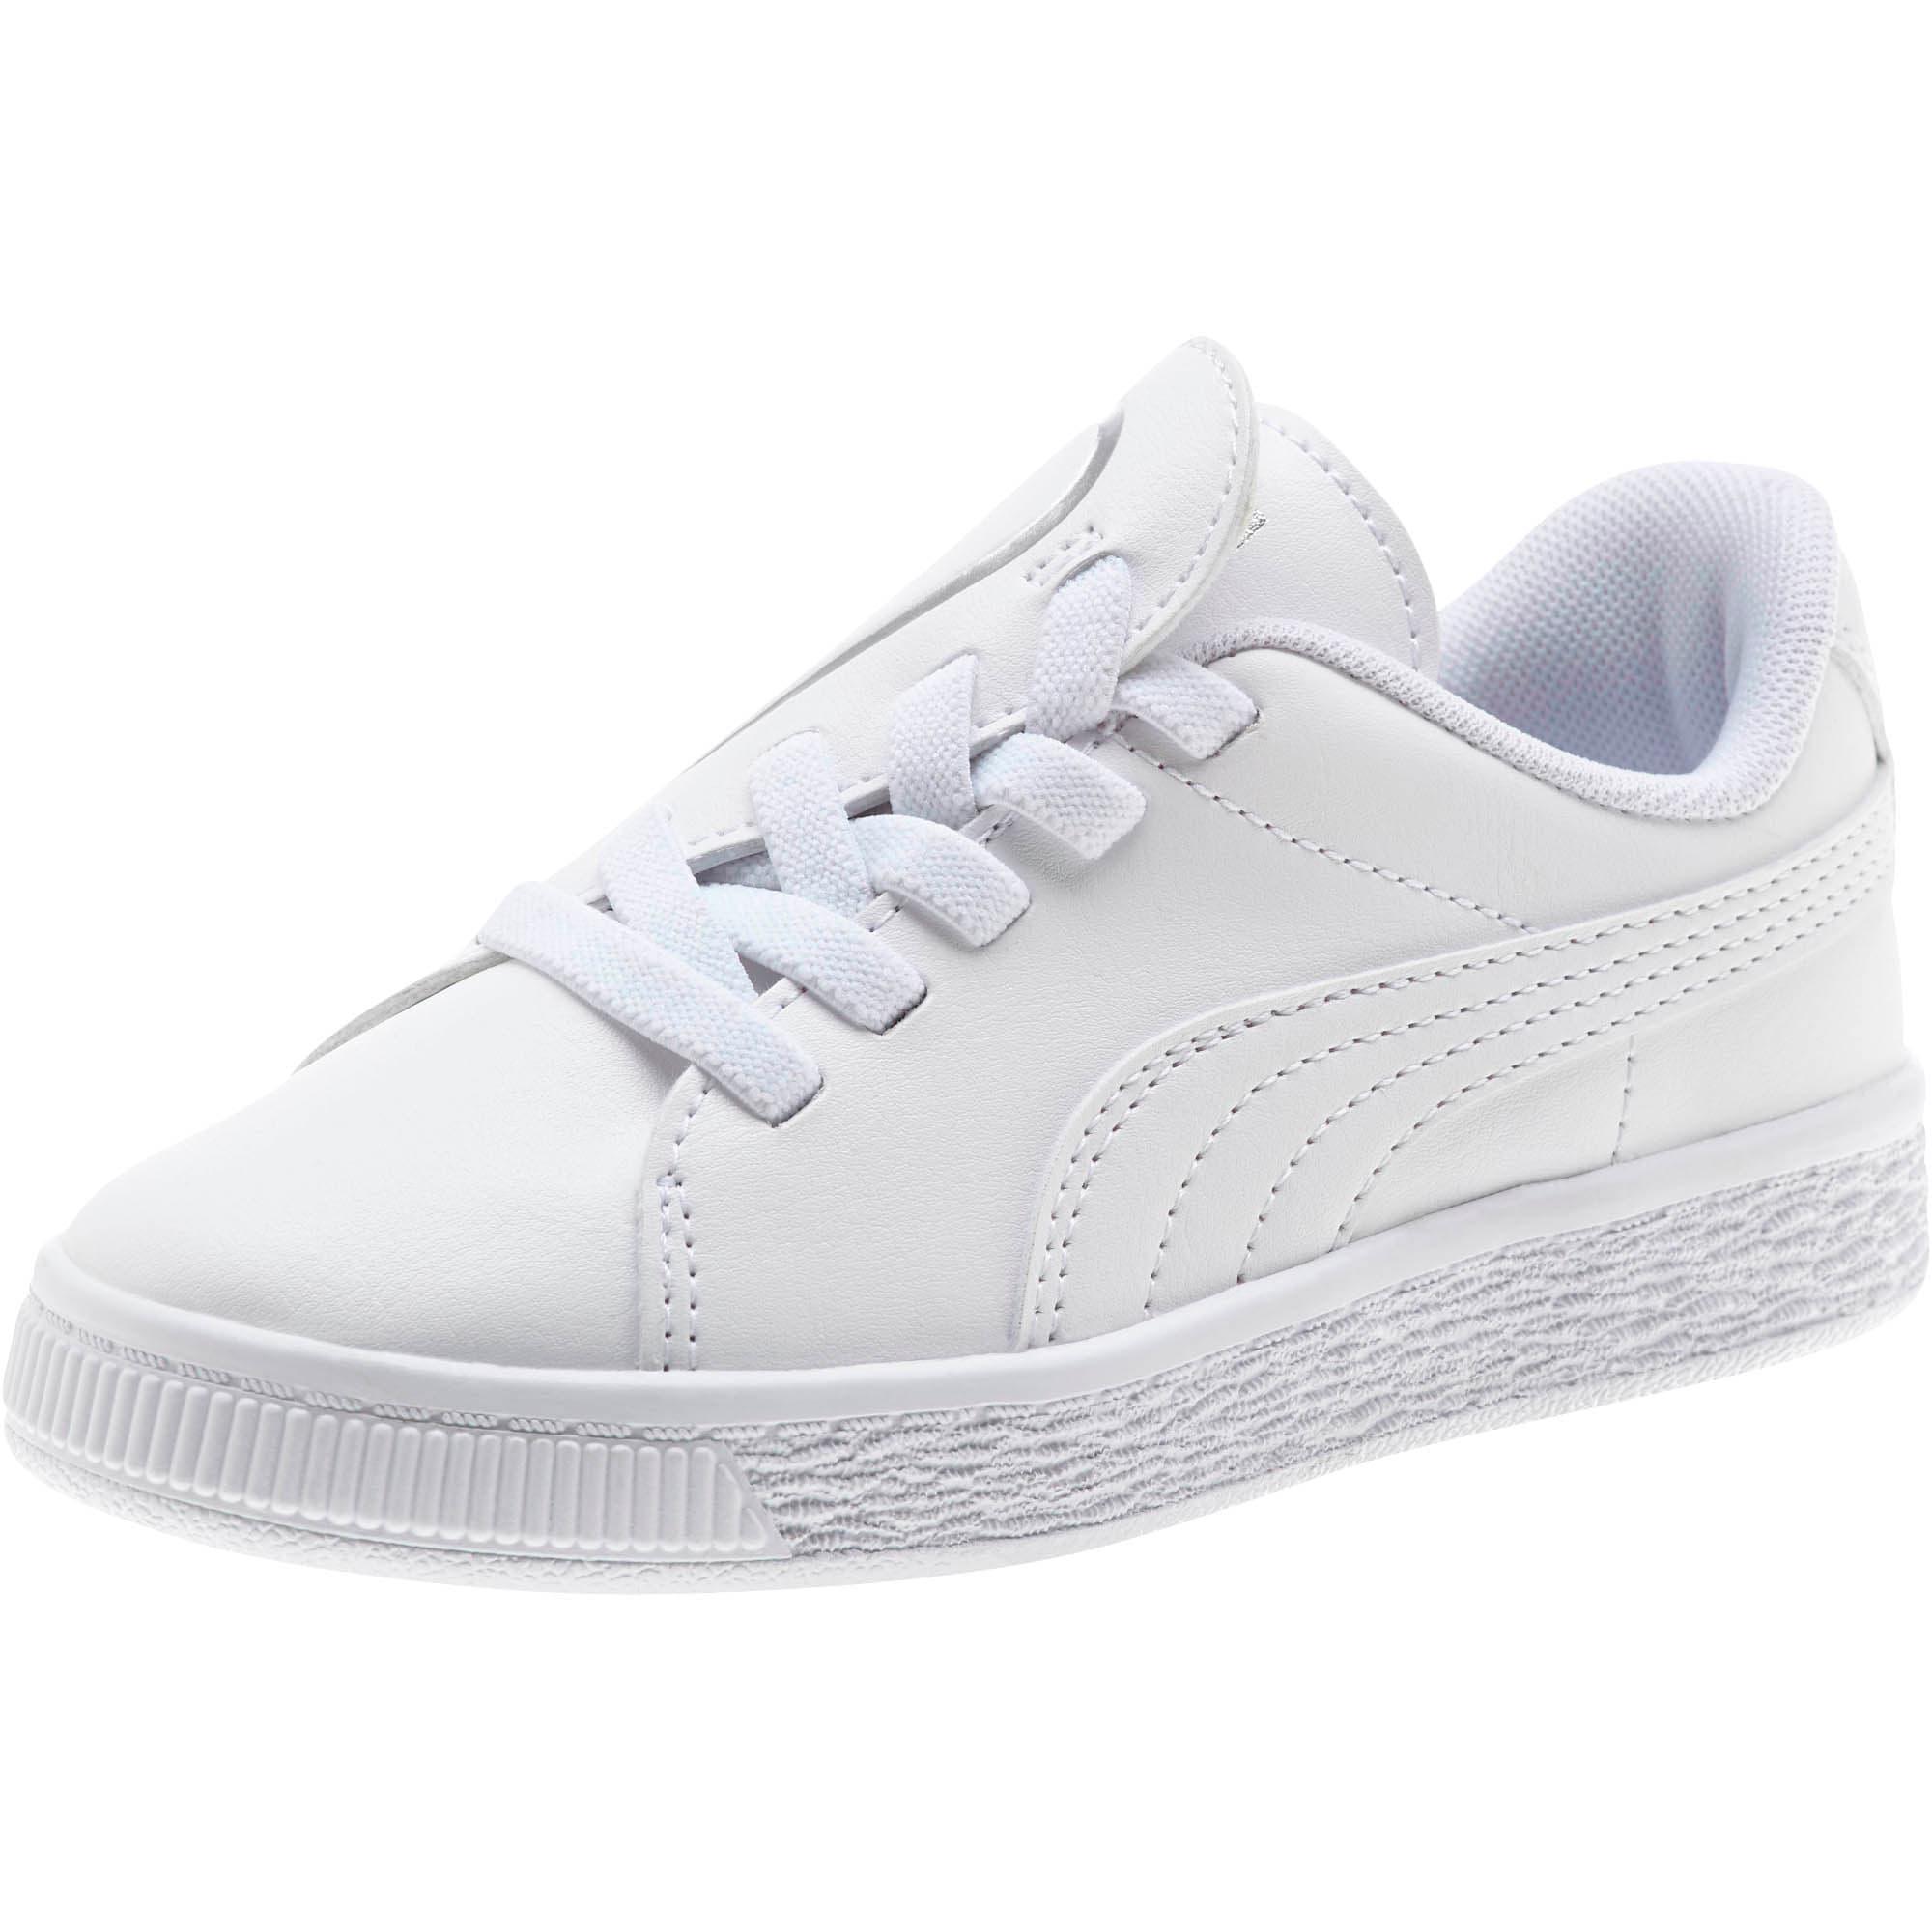 Miniatura 1 de Zapatos Basket Crush AC para niños, Puma White-Puma Silver, mediano